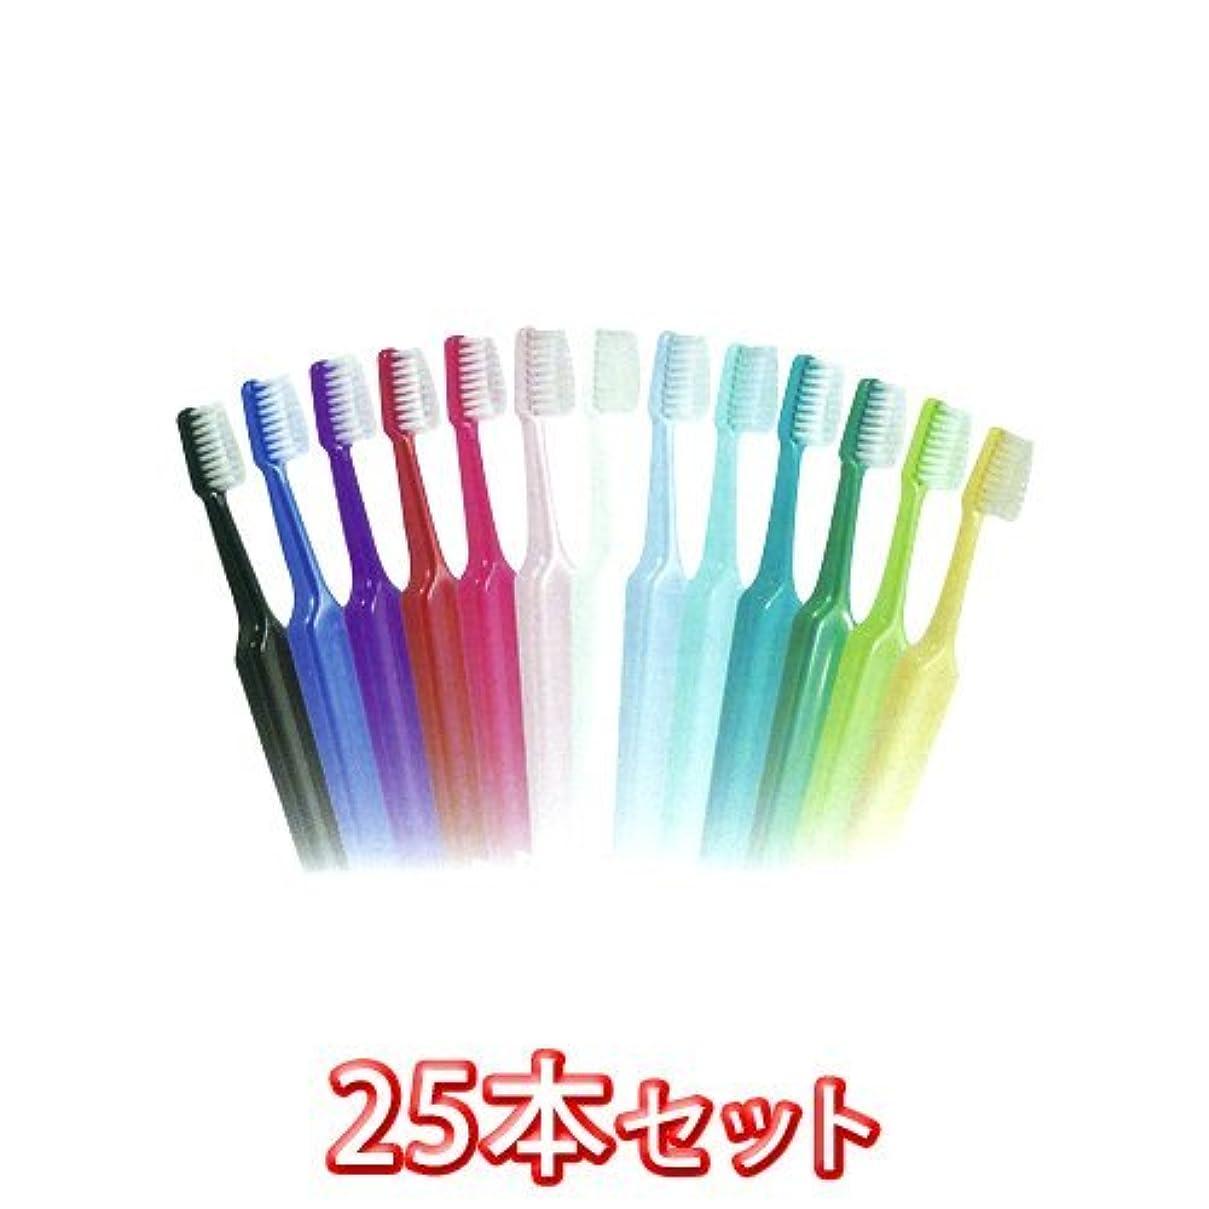 で撤回するワックスTePe セレクトソフト 歯ブラシ 25本入